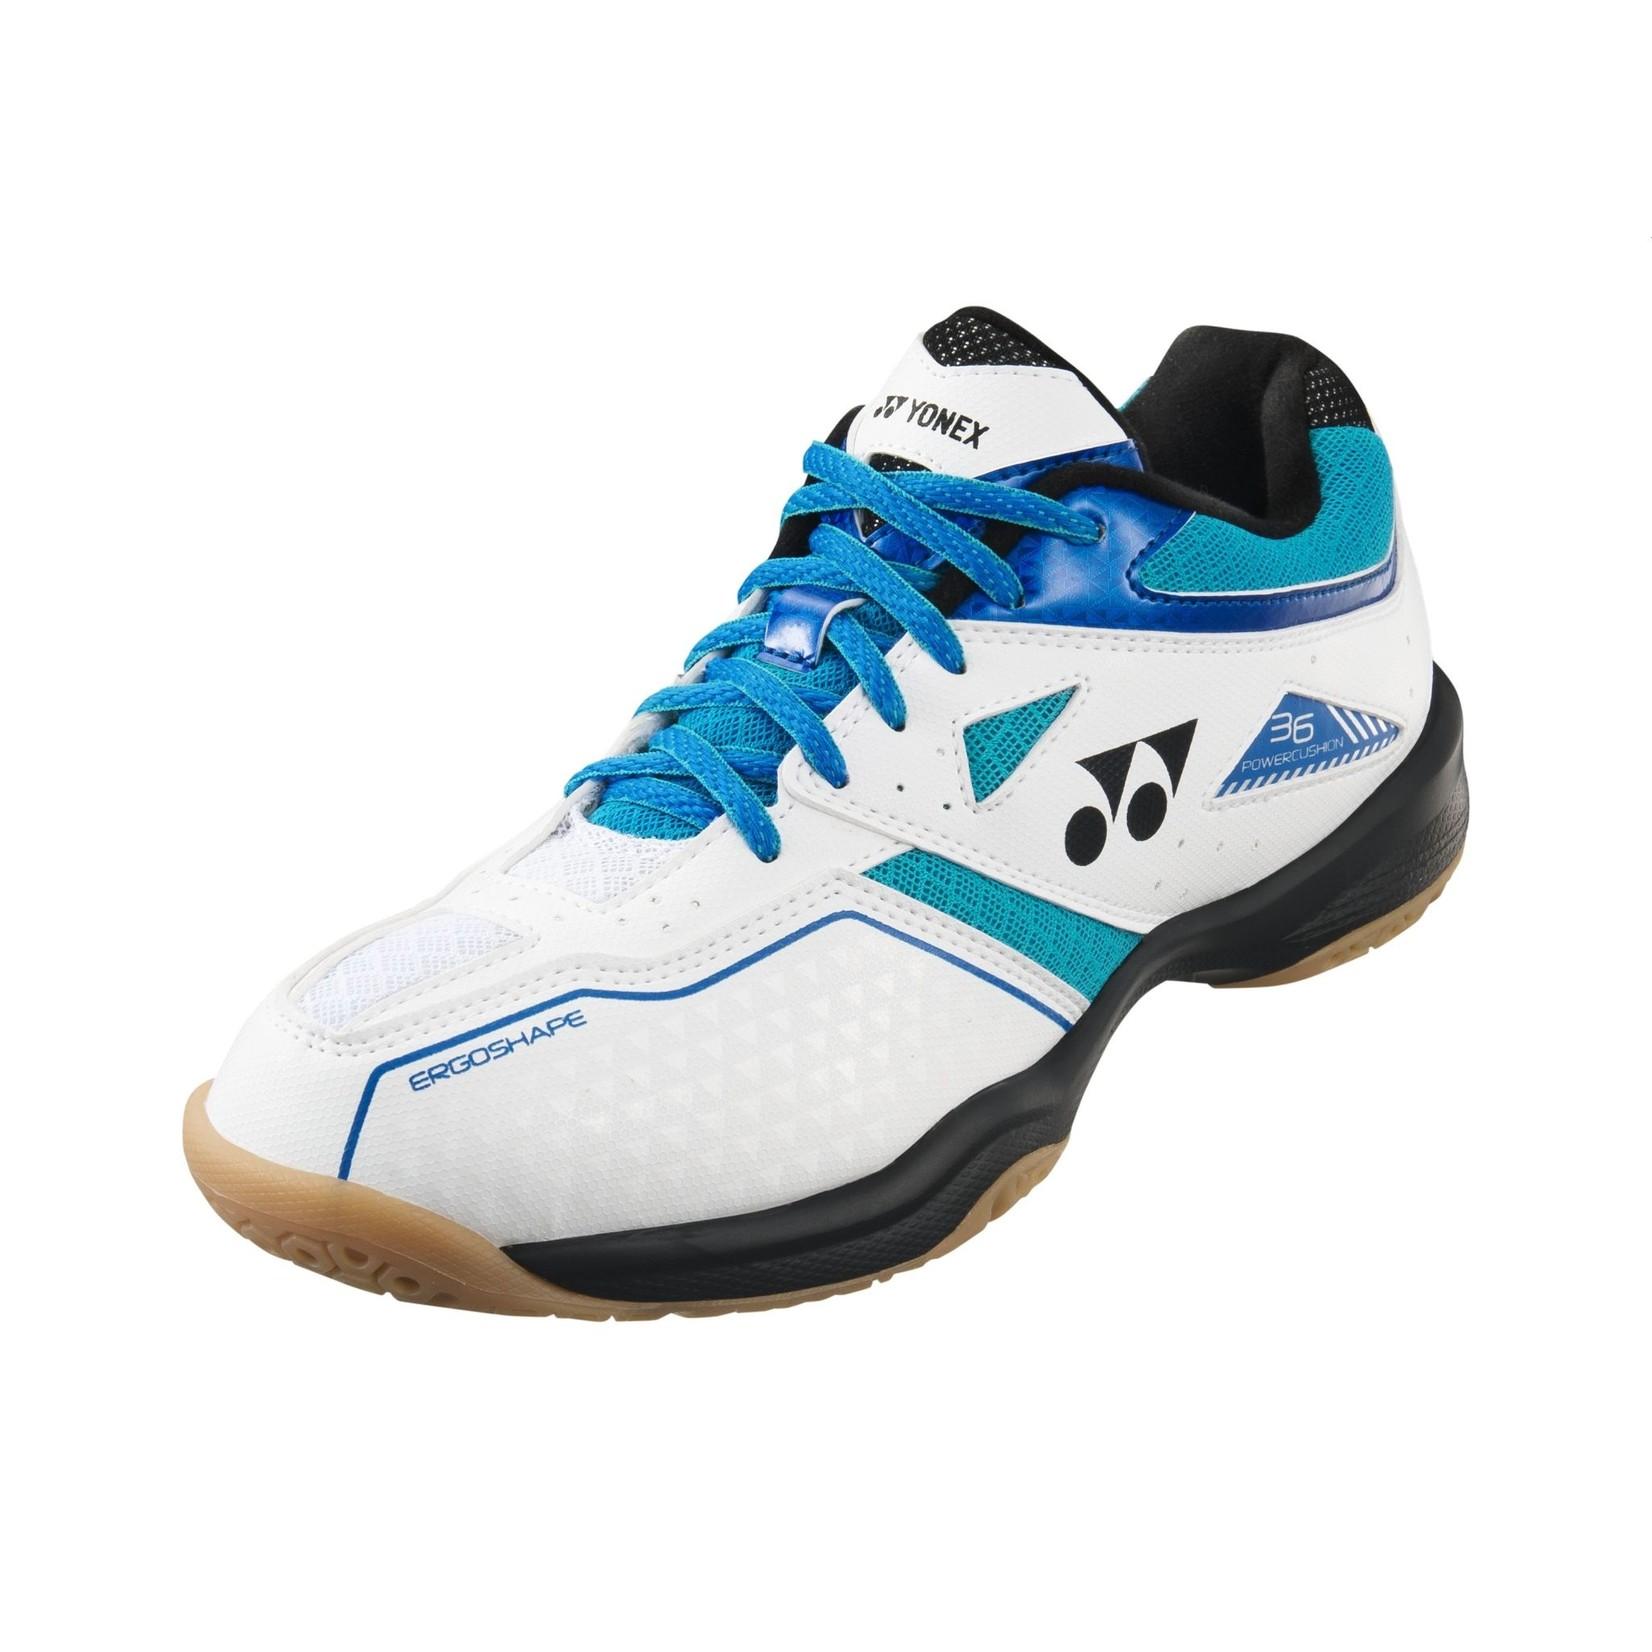 Yonex Yonex 36 junior (blauw)